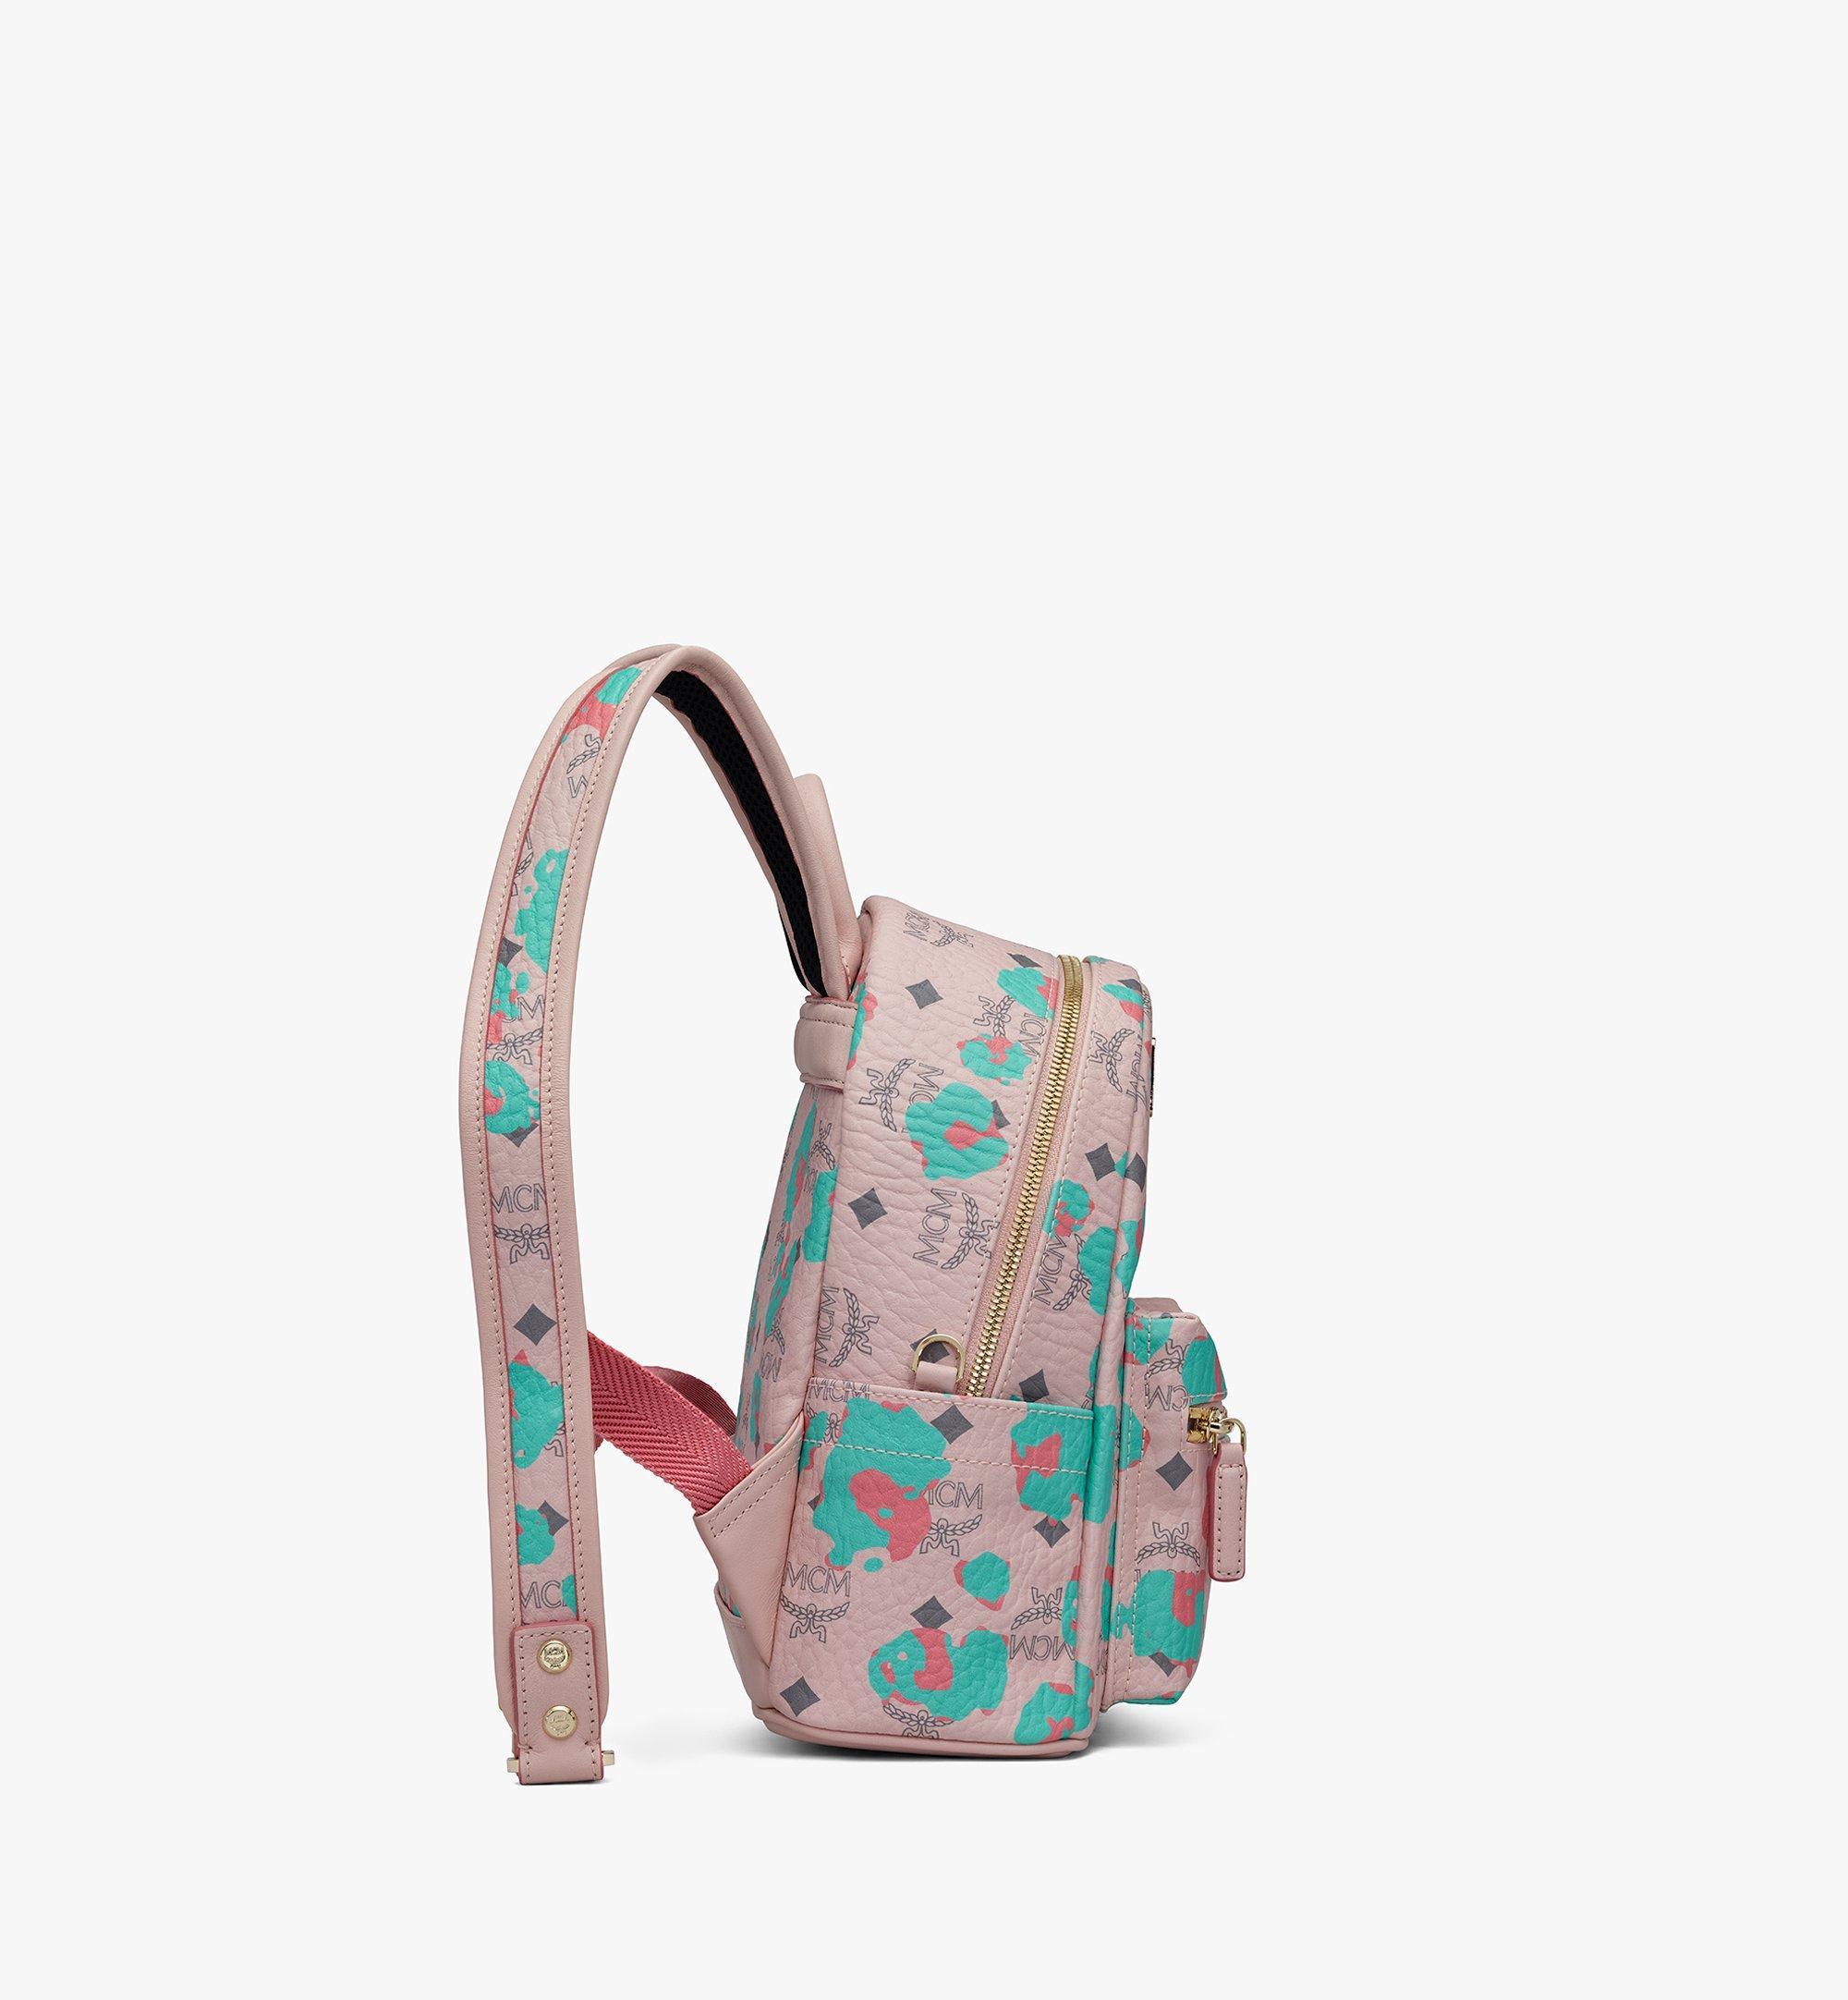 27 cm 10.5 in Stark Backpack in Floral Leopard Leoforal